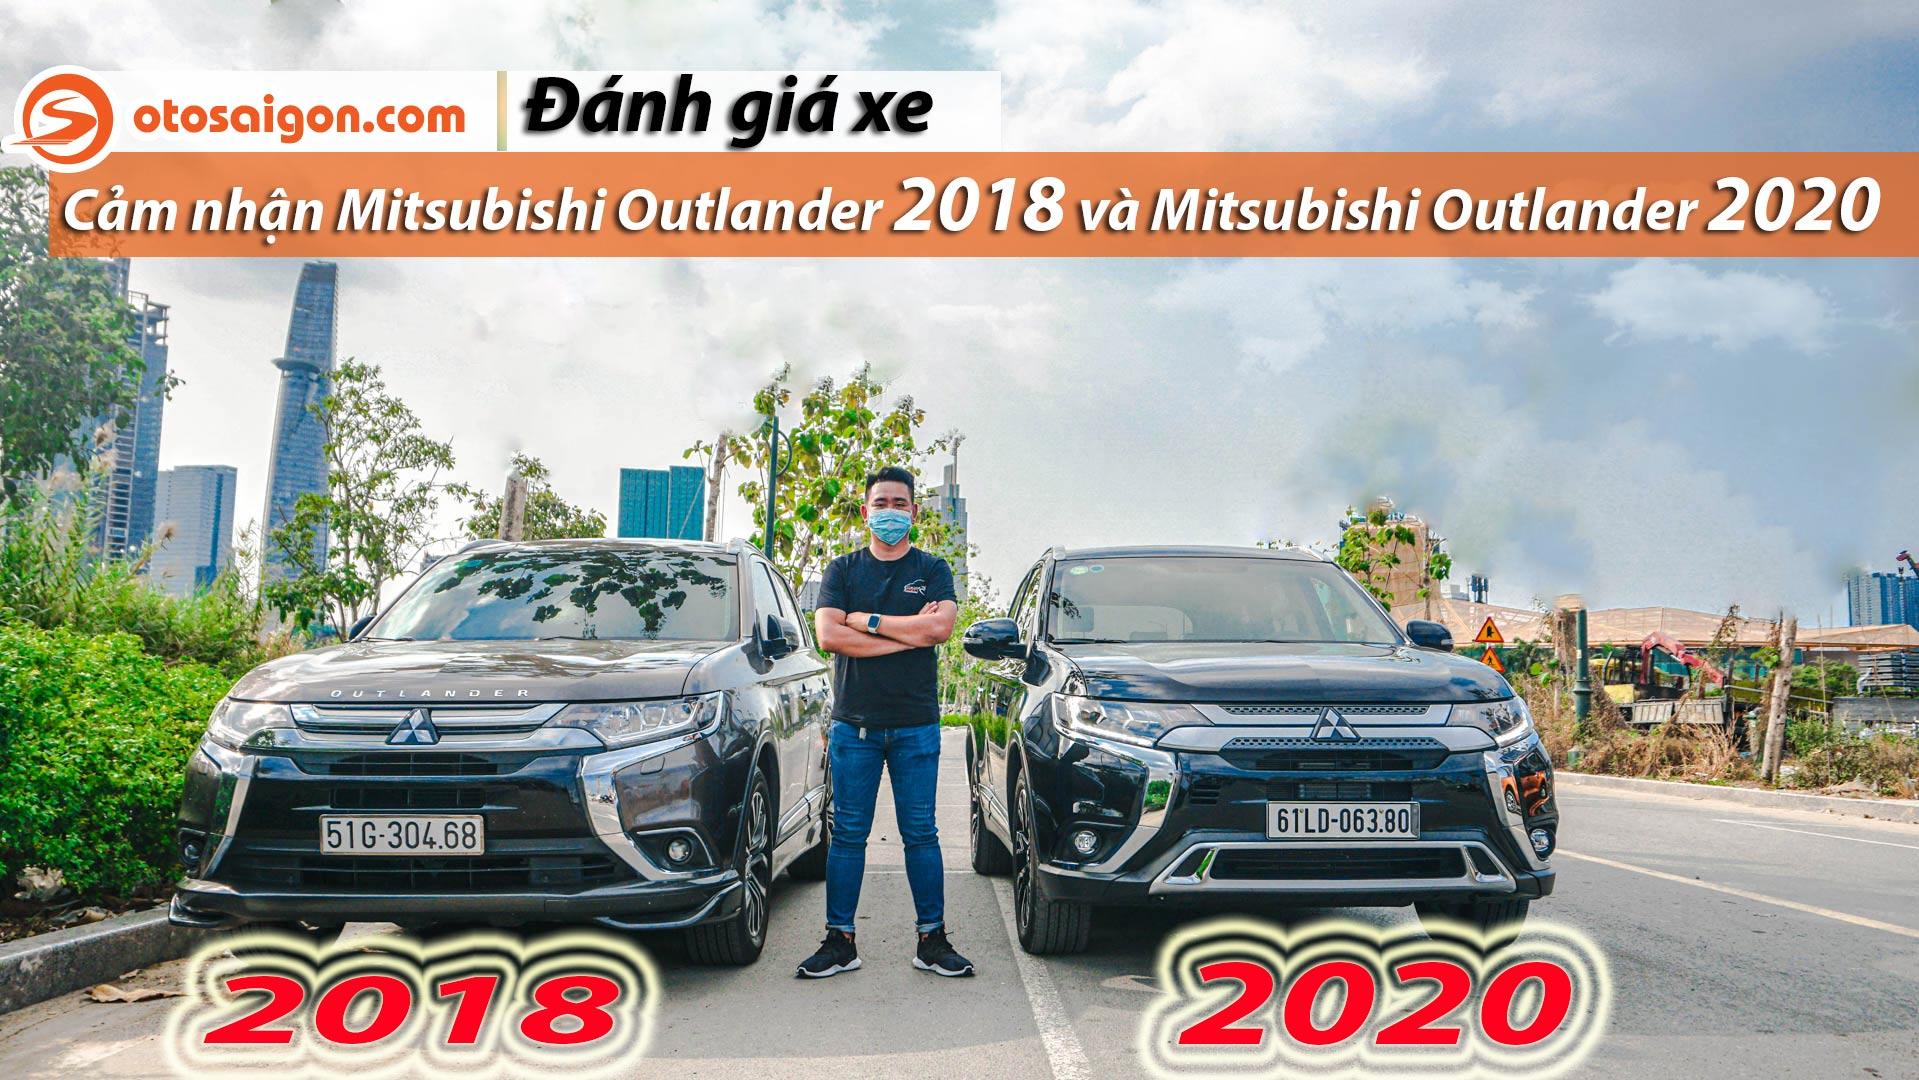 Người Dùng Đánh Giá Mitsubishi Outlander 2018 Và Nhận Xét Những Thay Đổi Trên Mitsubishi Outlander 2020